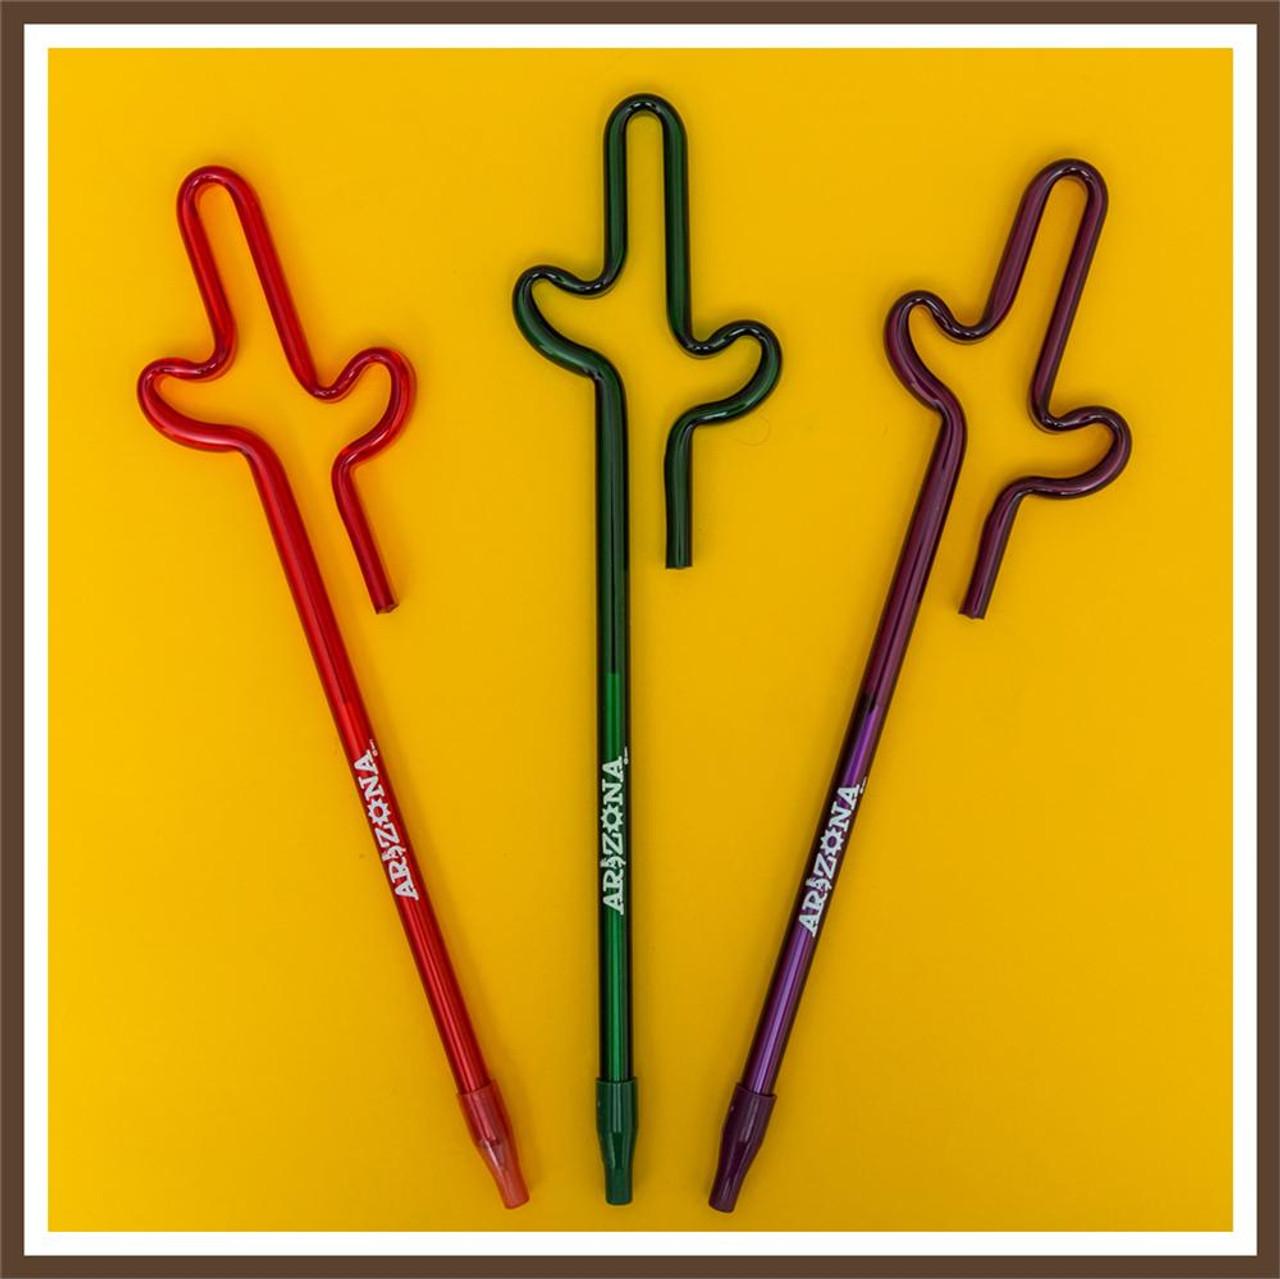 Cactus Pen Multi Color